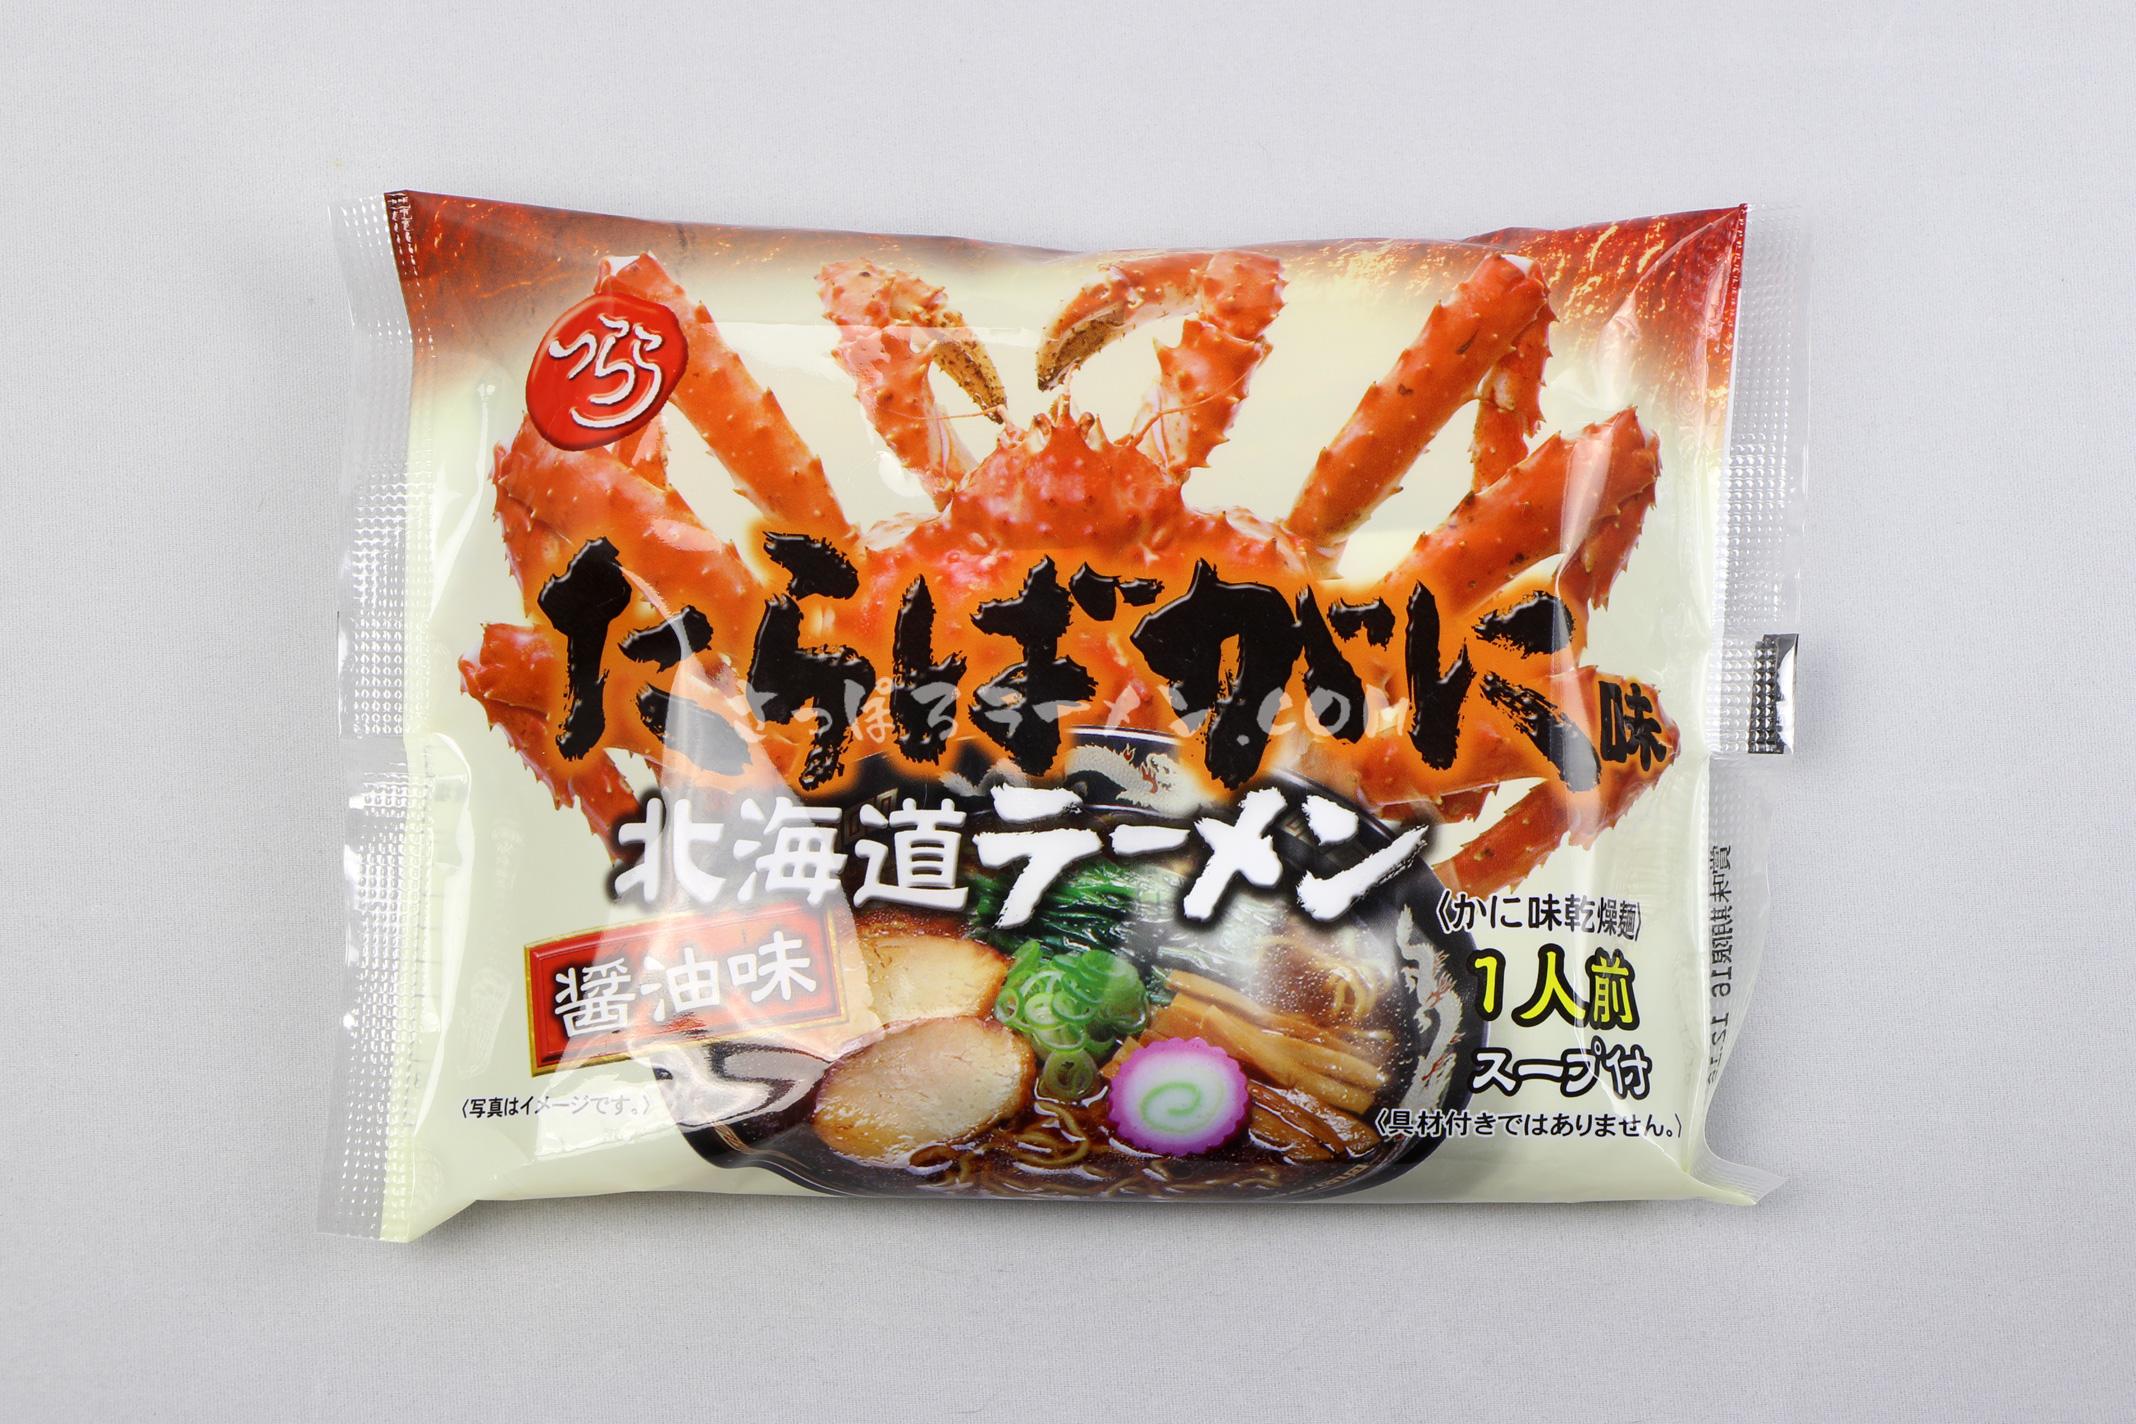 「新・たらばがに北海道ラーメン しょうゆ味」(つらら)のパッケージ(表)